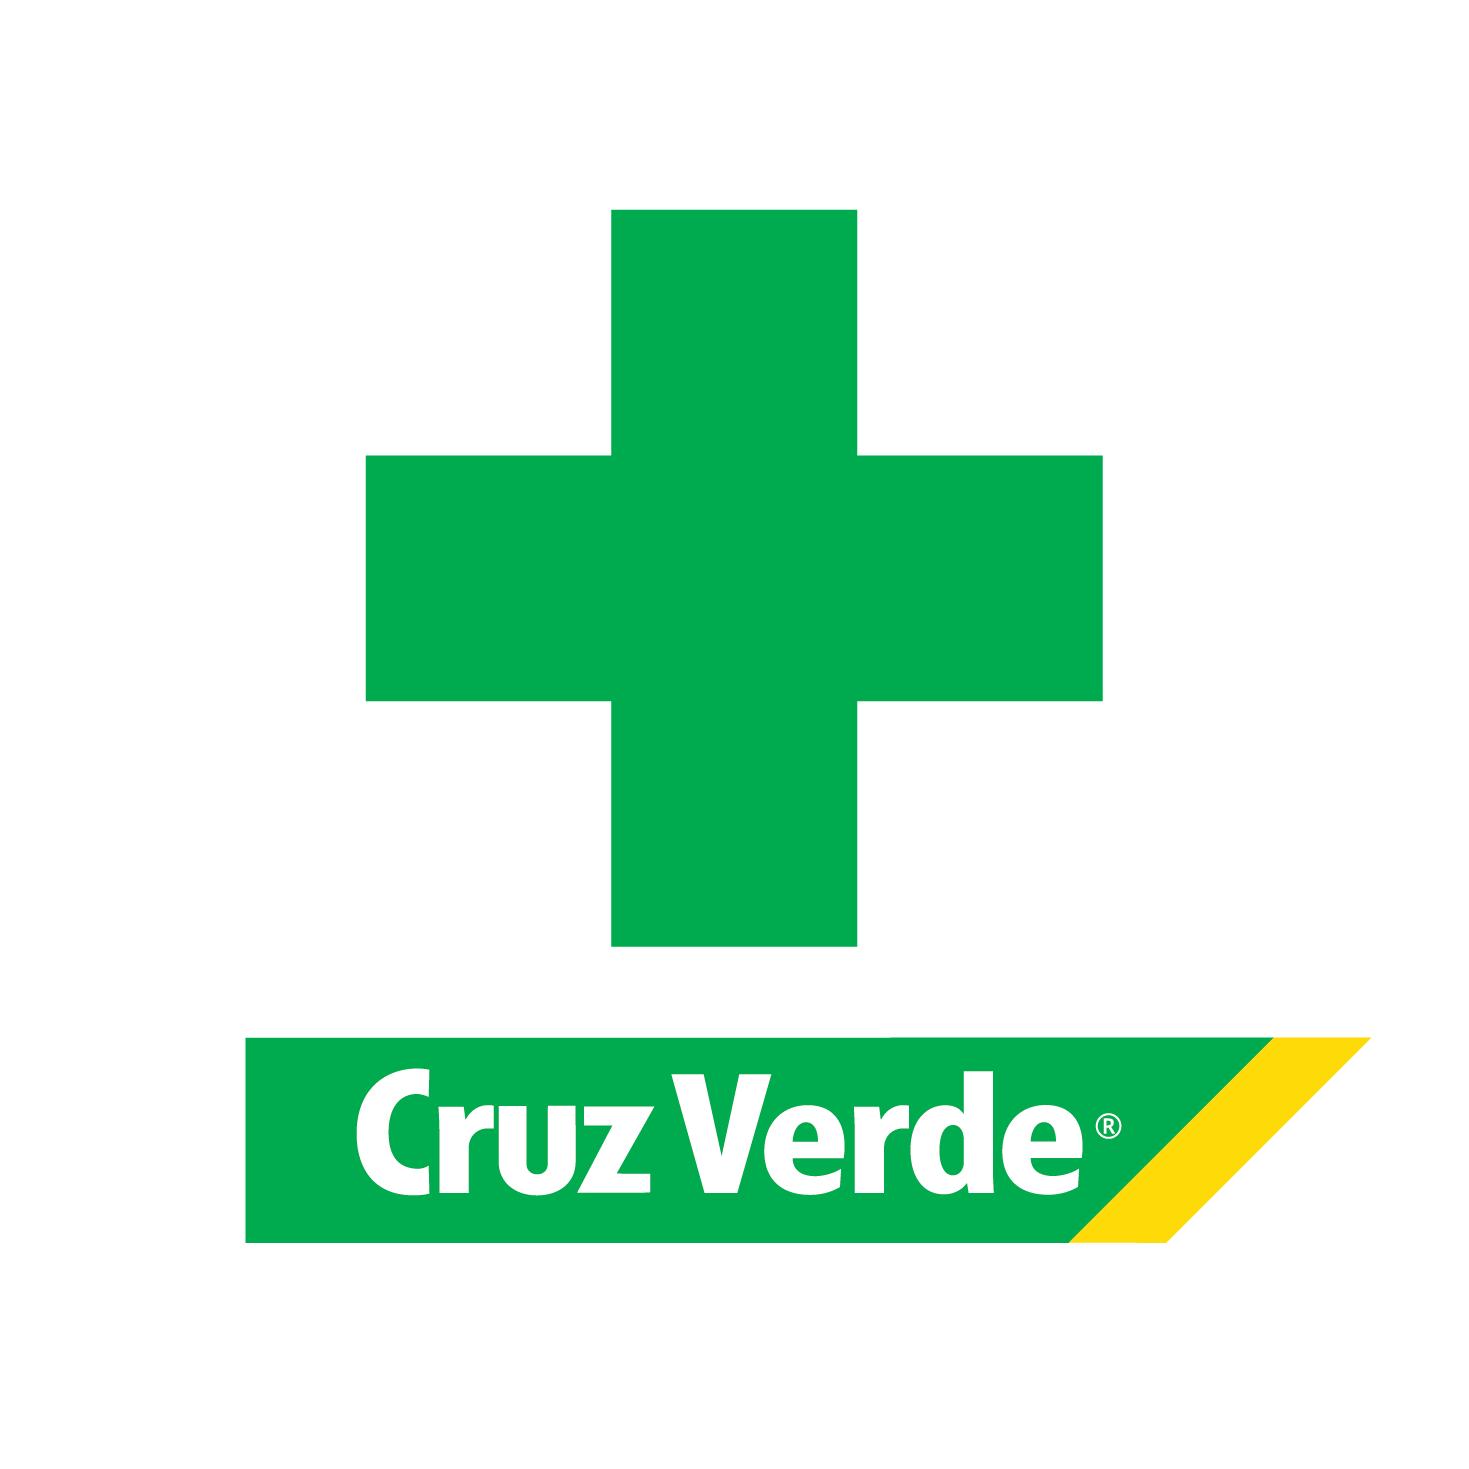 DROGUERIAS Y FARMACIAS CRUZ VERDE S. A. S.